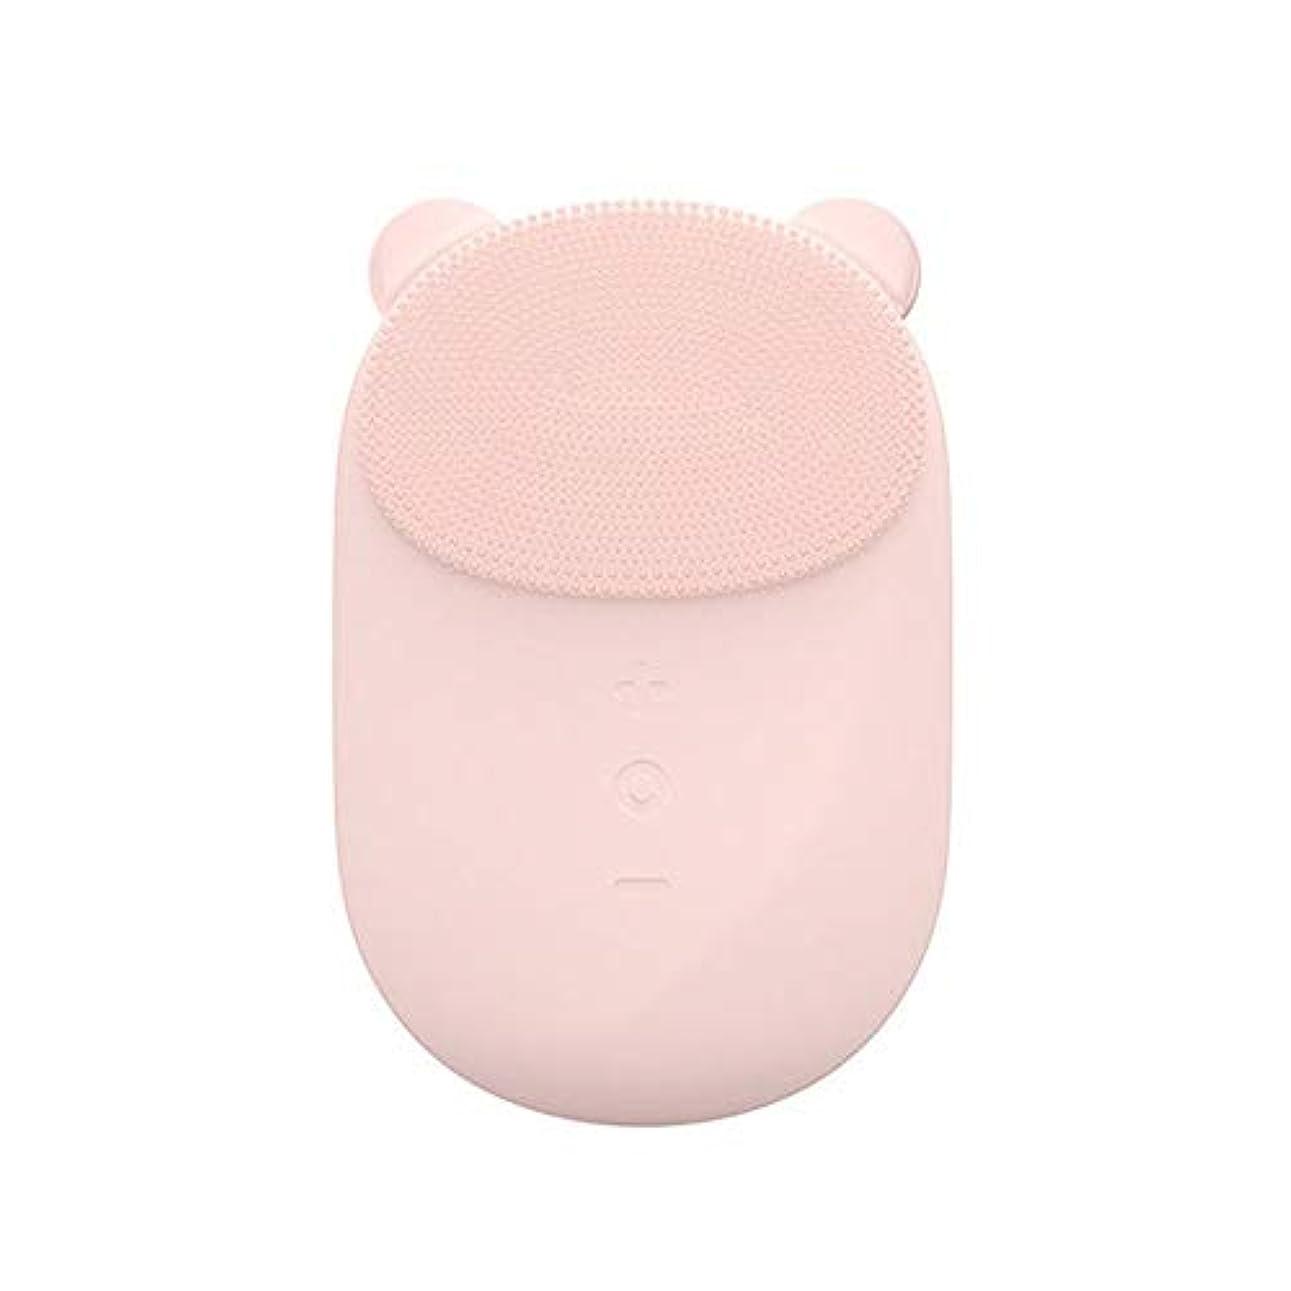 比類なき商業の集まる洗顔ブラシ すべての肌のアンチエイジングフェイシャル剥離のためのフェイシャルクレンジングブラシフェース振動マッサージャー充電式ディープクリーニング ディープクレンジングスキンケア用 (色 : ピンク, サイズ : 10.6*7.4*3cm)